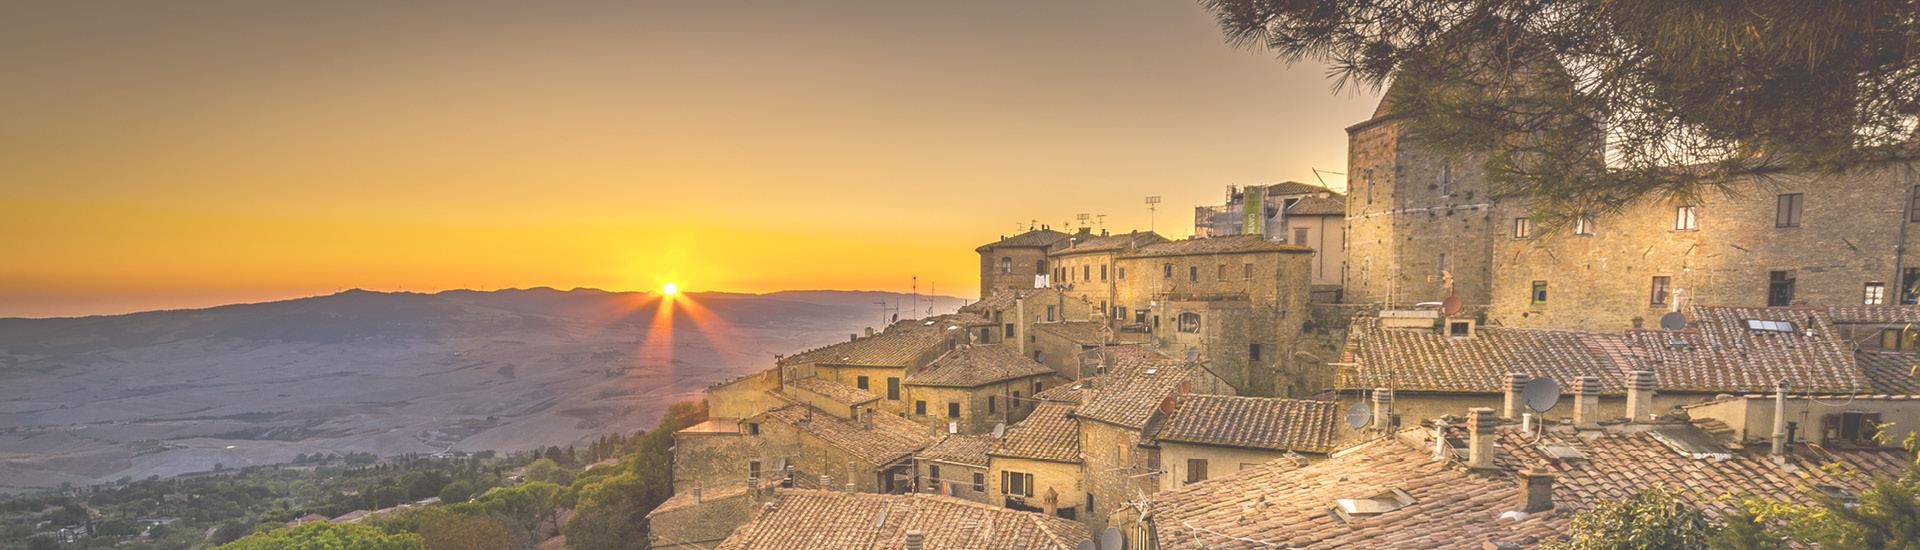 Weine - Italy's BEST - Prämierte Rotweine aus Italien mit -20% 09/2019 - Slider